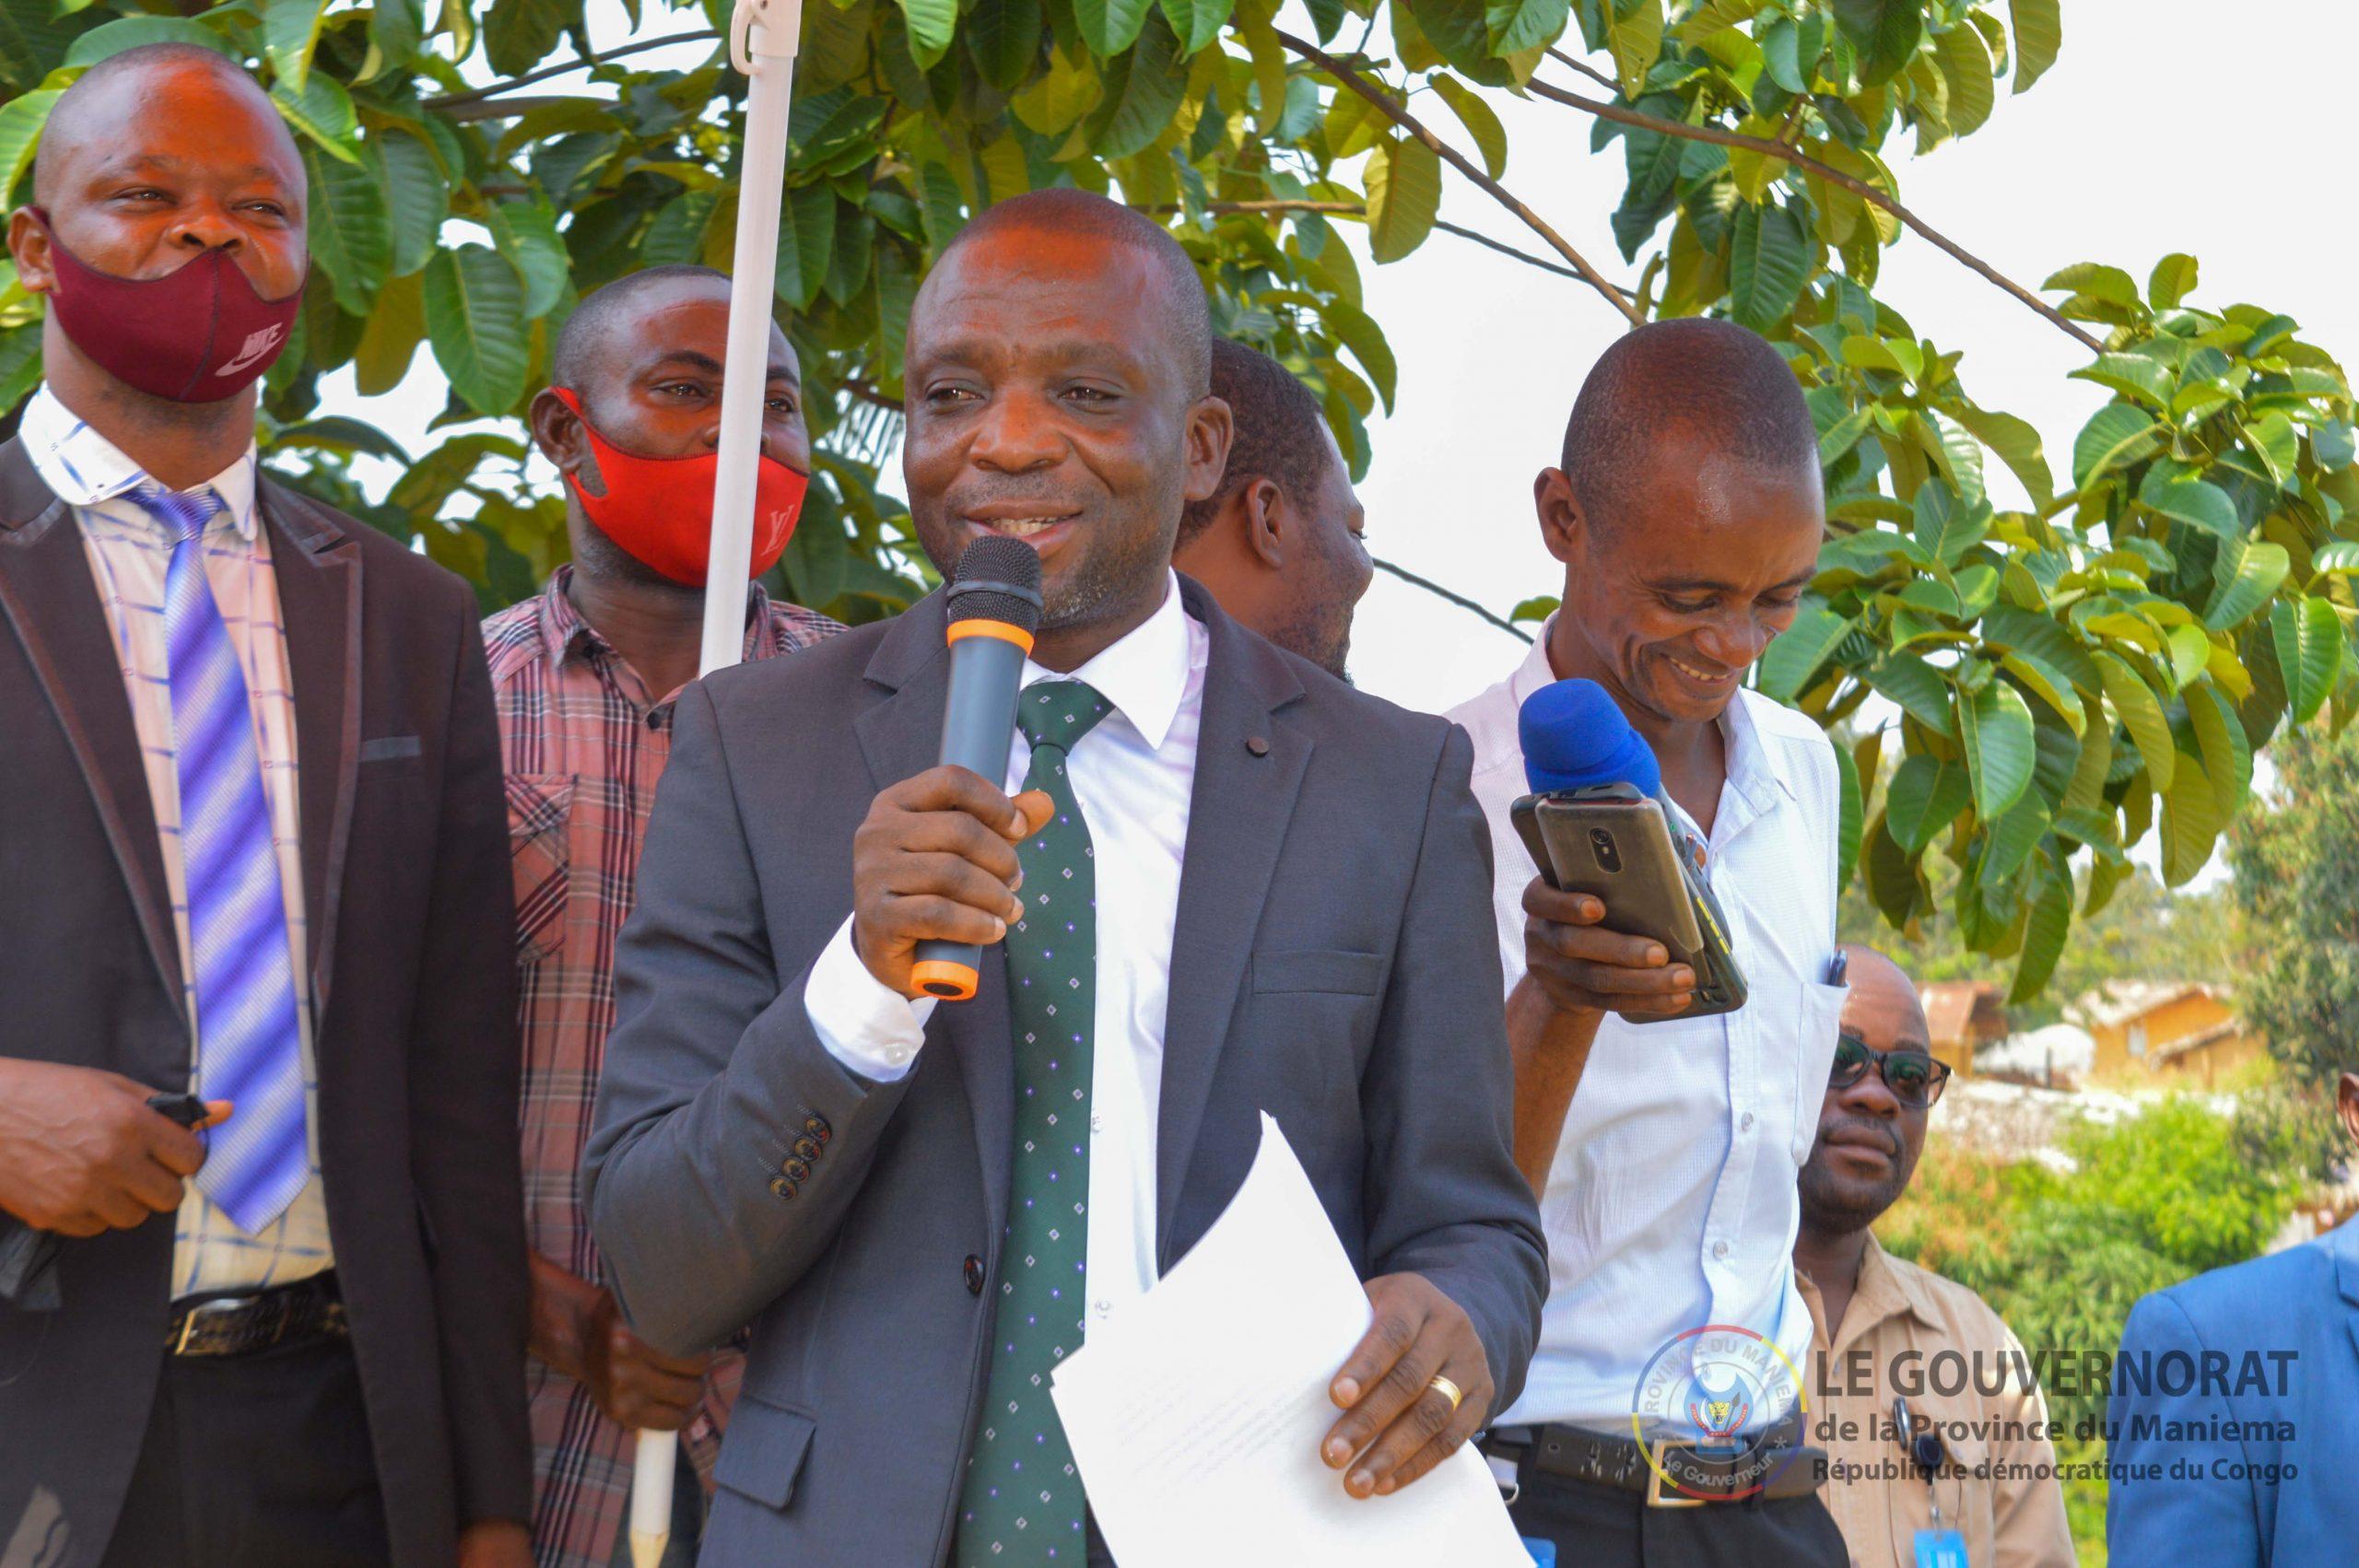 Kabambare : le Gouverneur ai Mangala conduit une mission d'évaluation sécuritaire à Wamaza